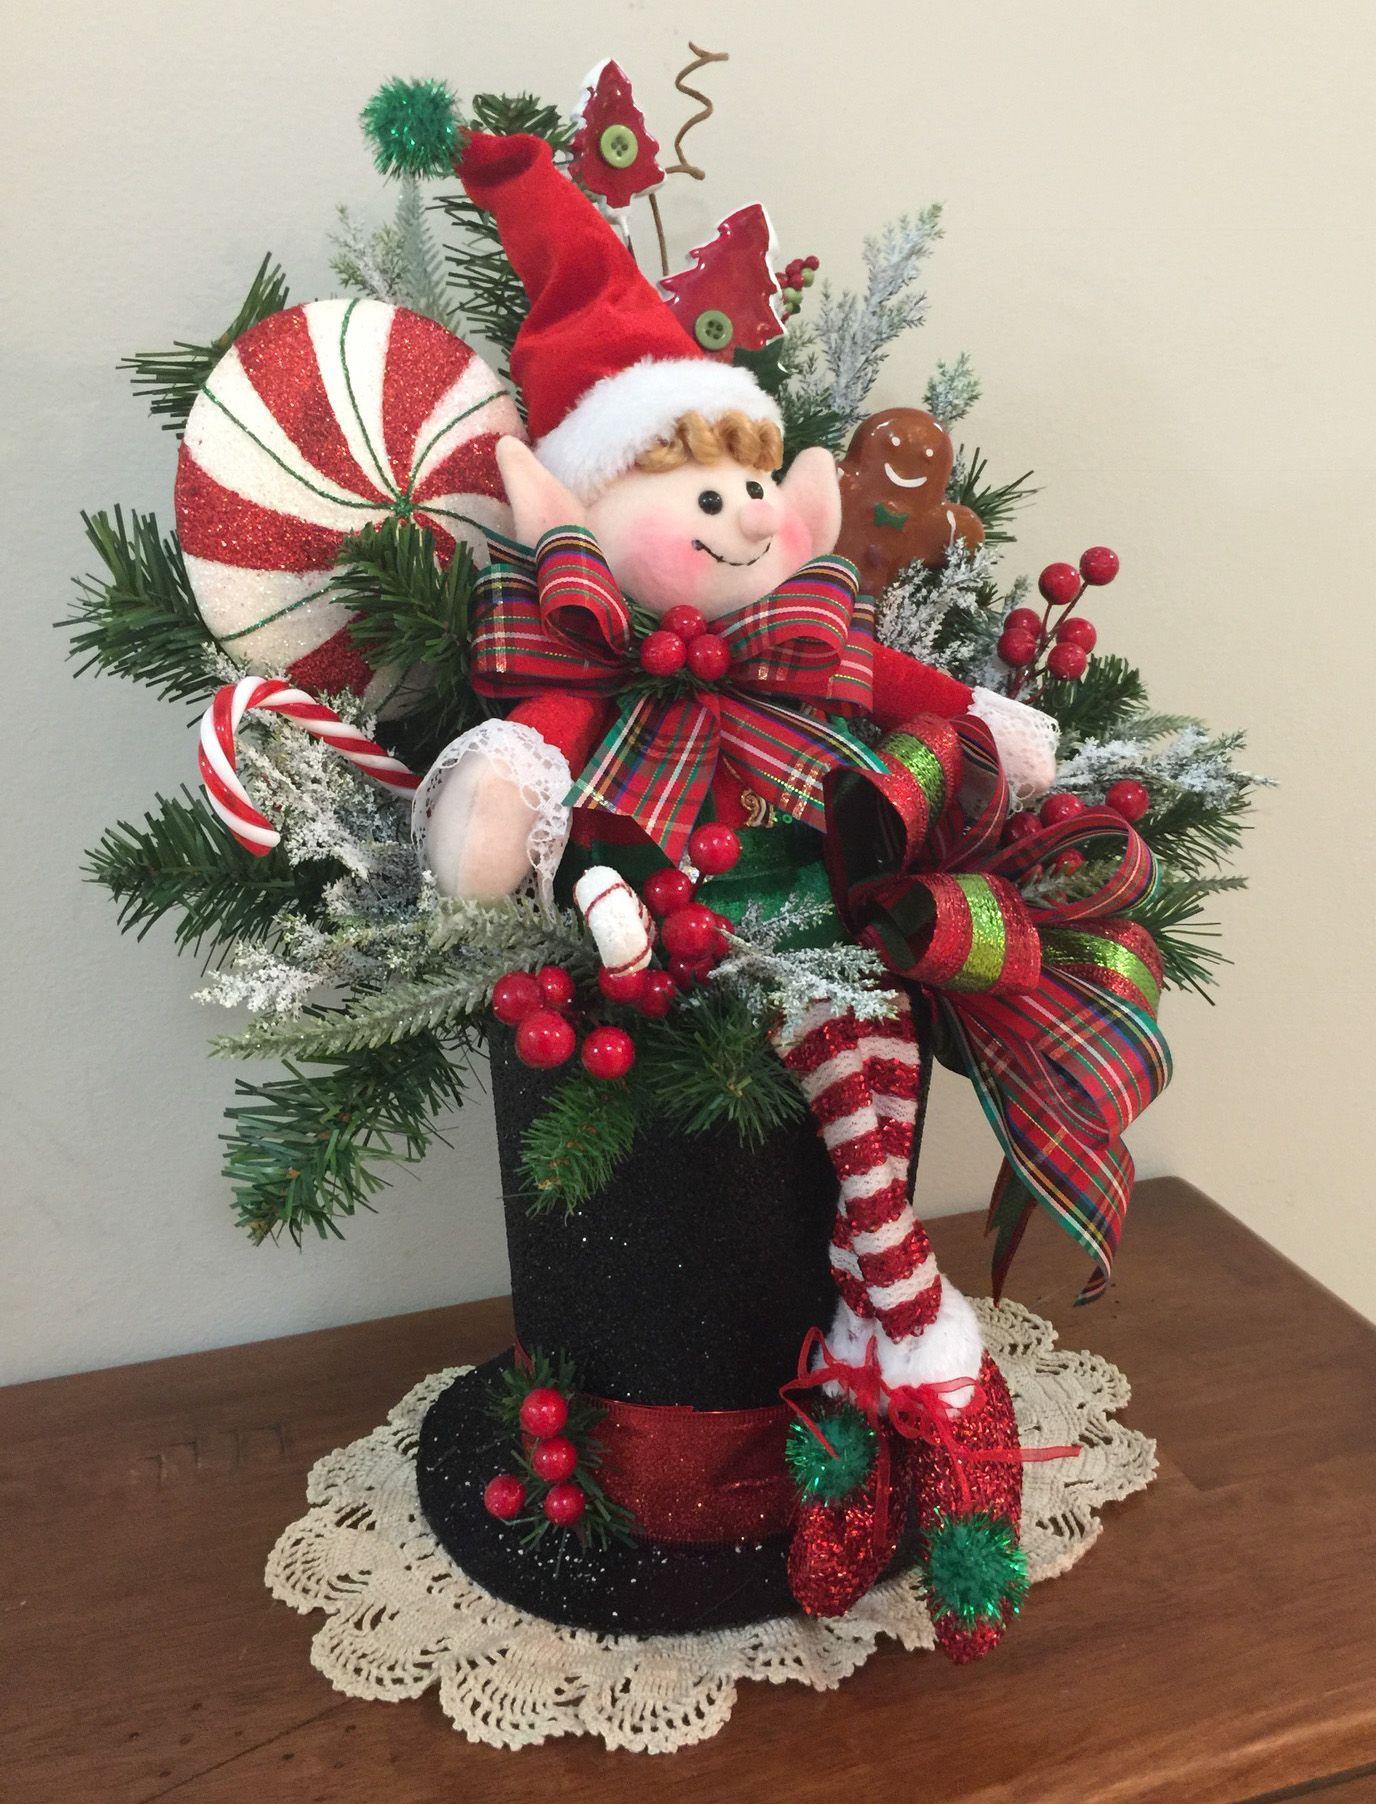 arreglo navide o deco navidad r stica centros navidad